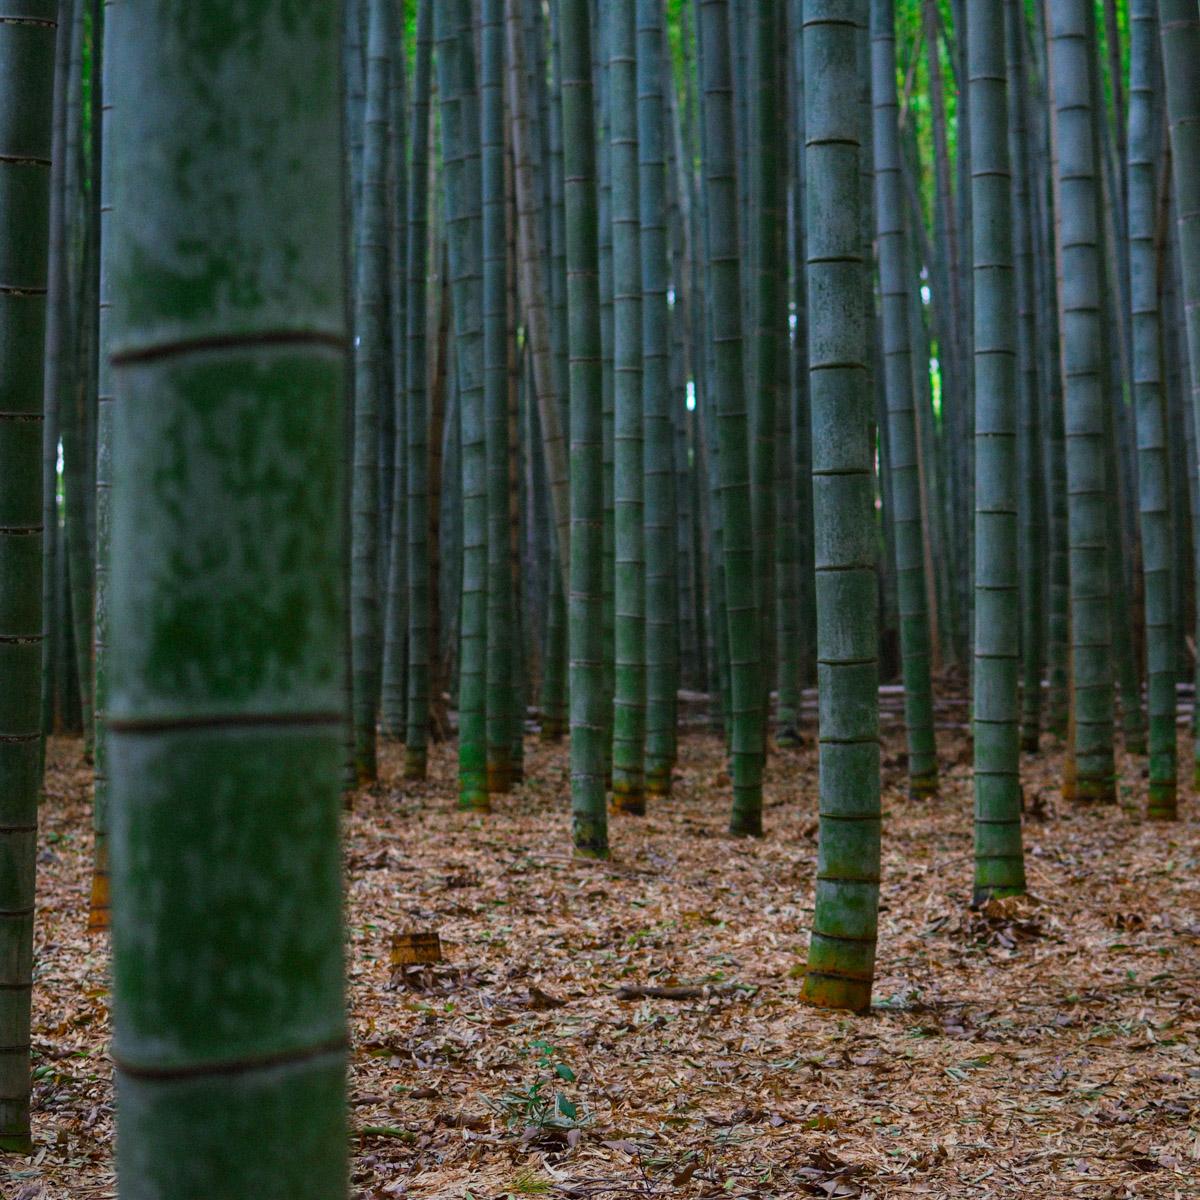 blog_-tadaa-new-garden-box-made-of-bamboo00010.jpg